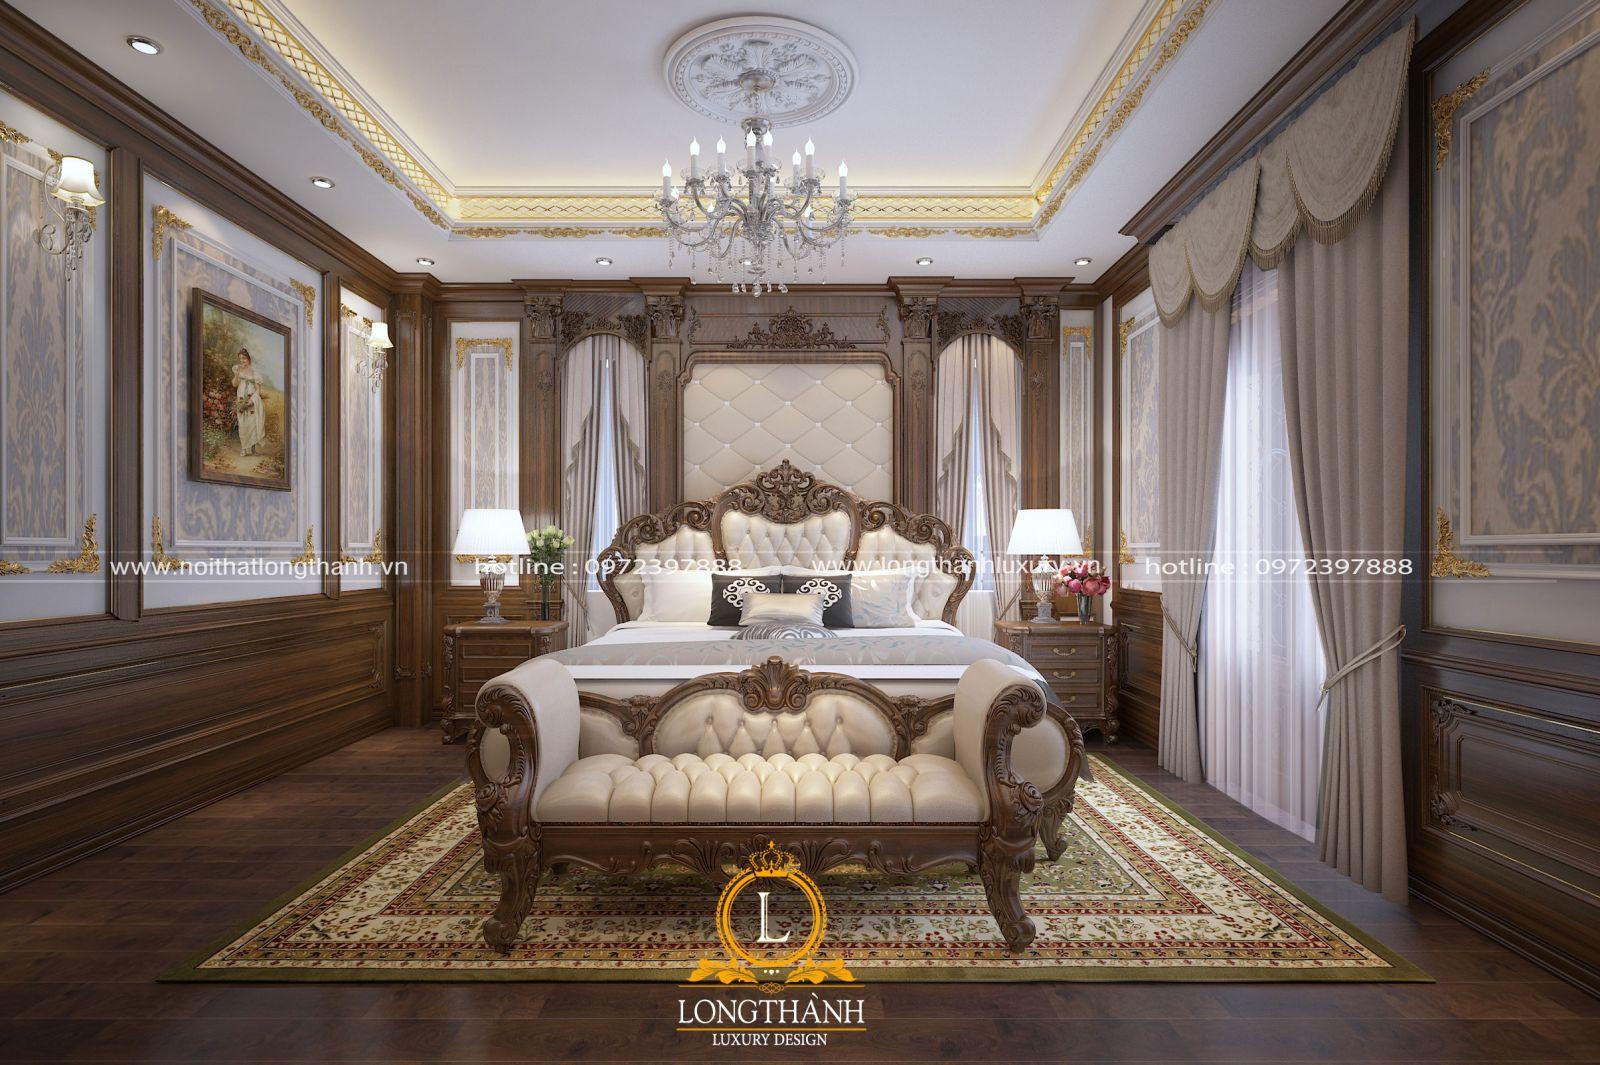 Lựa chọn mẫu giường ngủ theo chiều cao, độ tuổi của chủ nhân